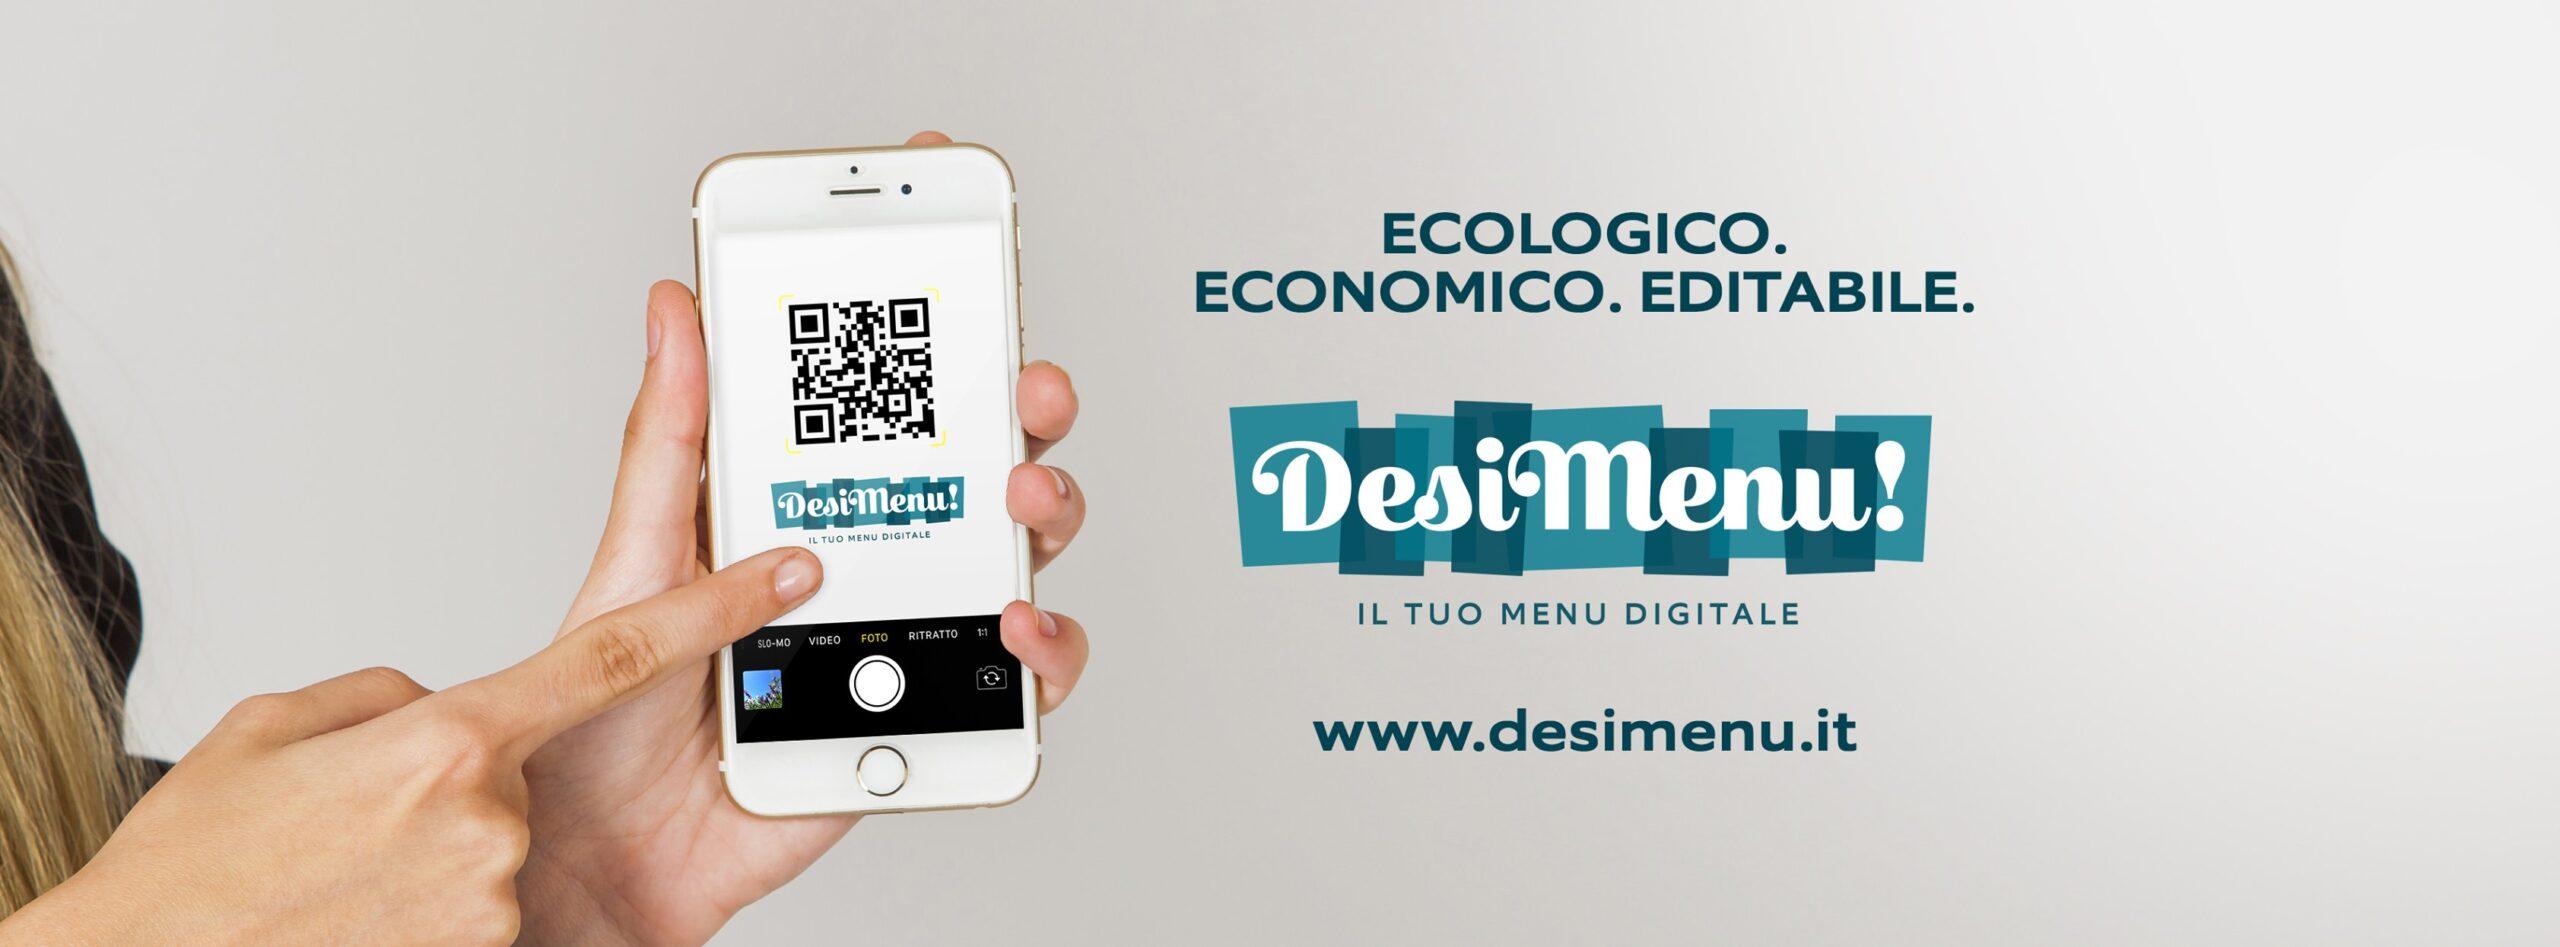 DesiMenu – Il menu digitale